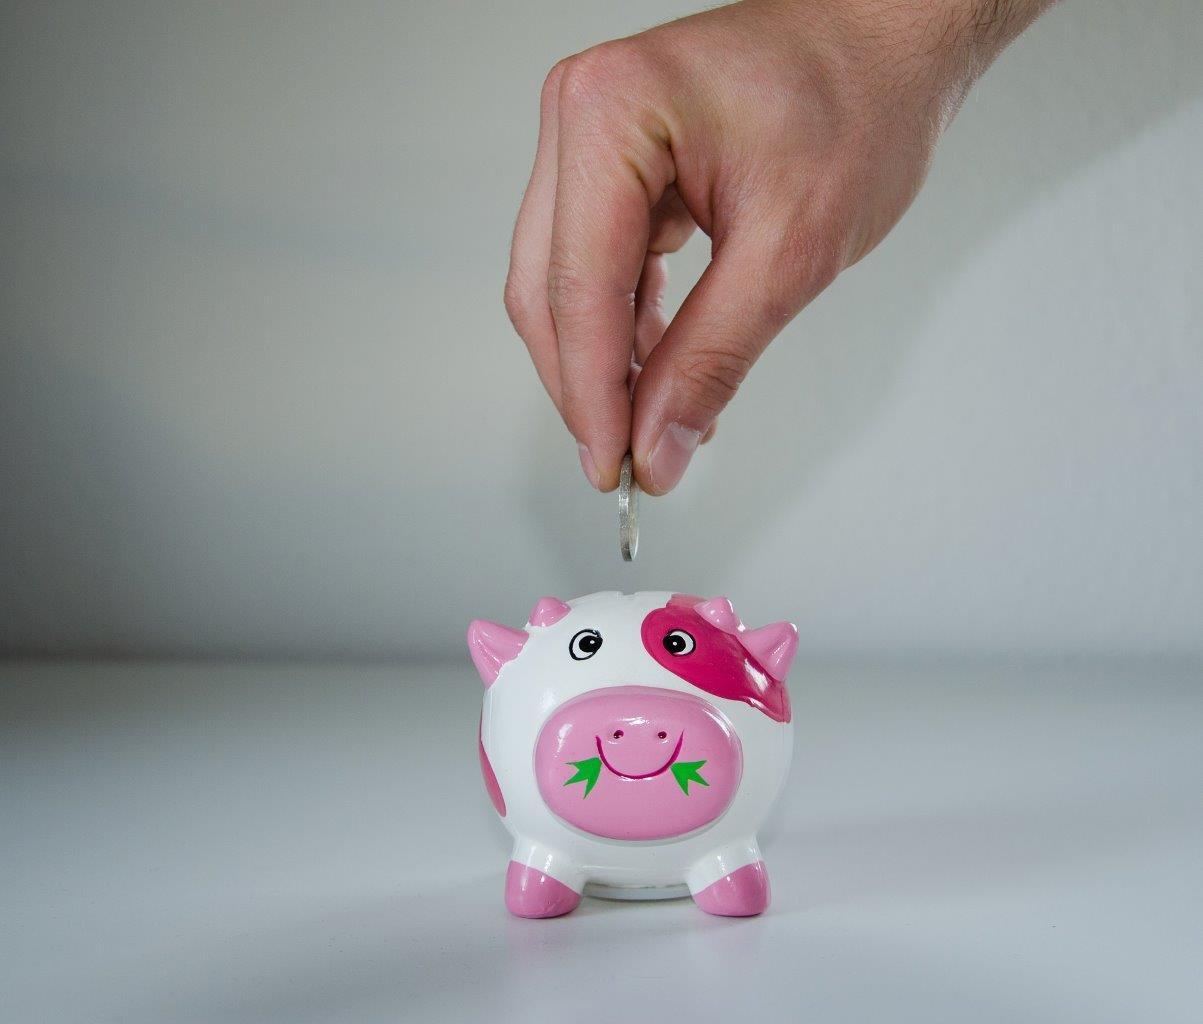 Więcej w portfelach młodych, czyli ulga podatkowa dla osób do 26. roku życia  - Zdjęcie główne